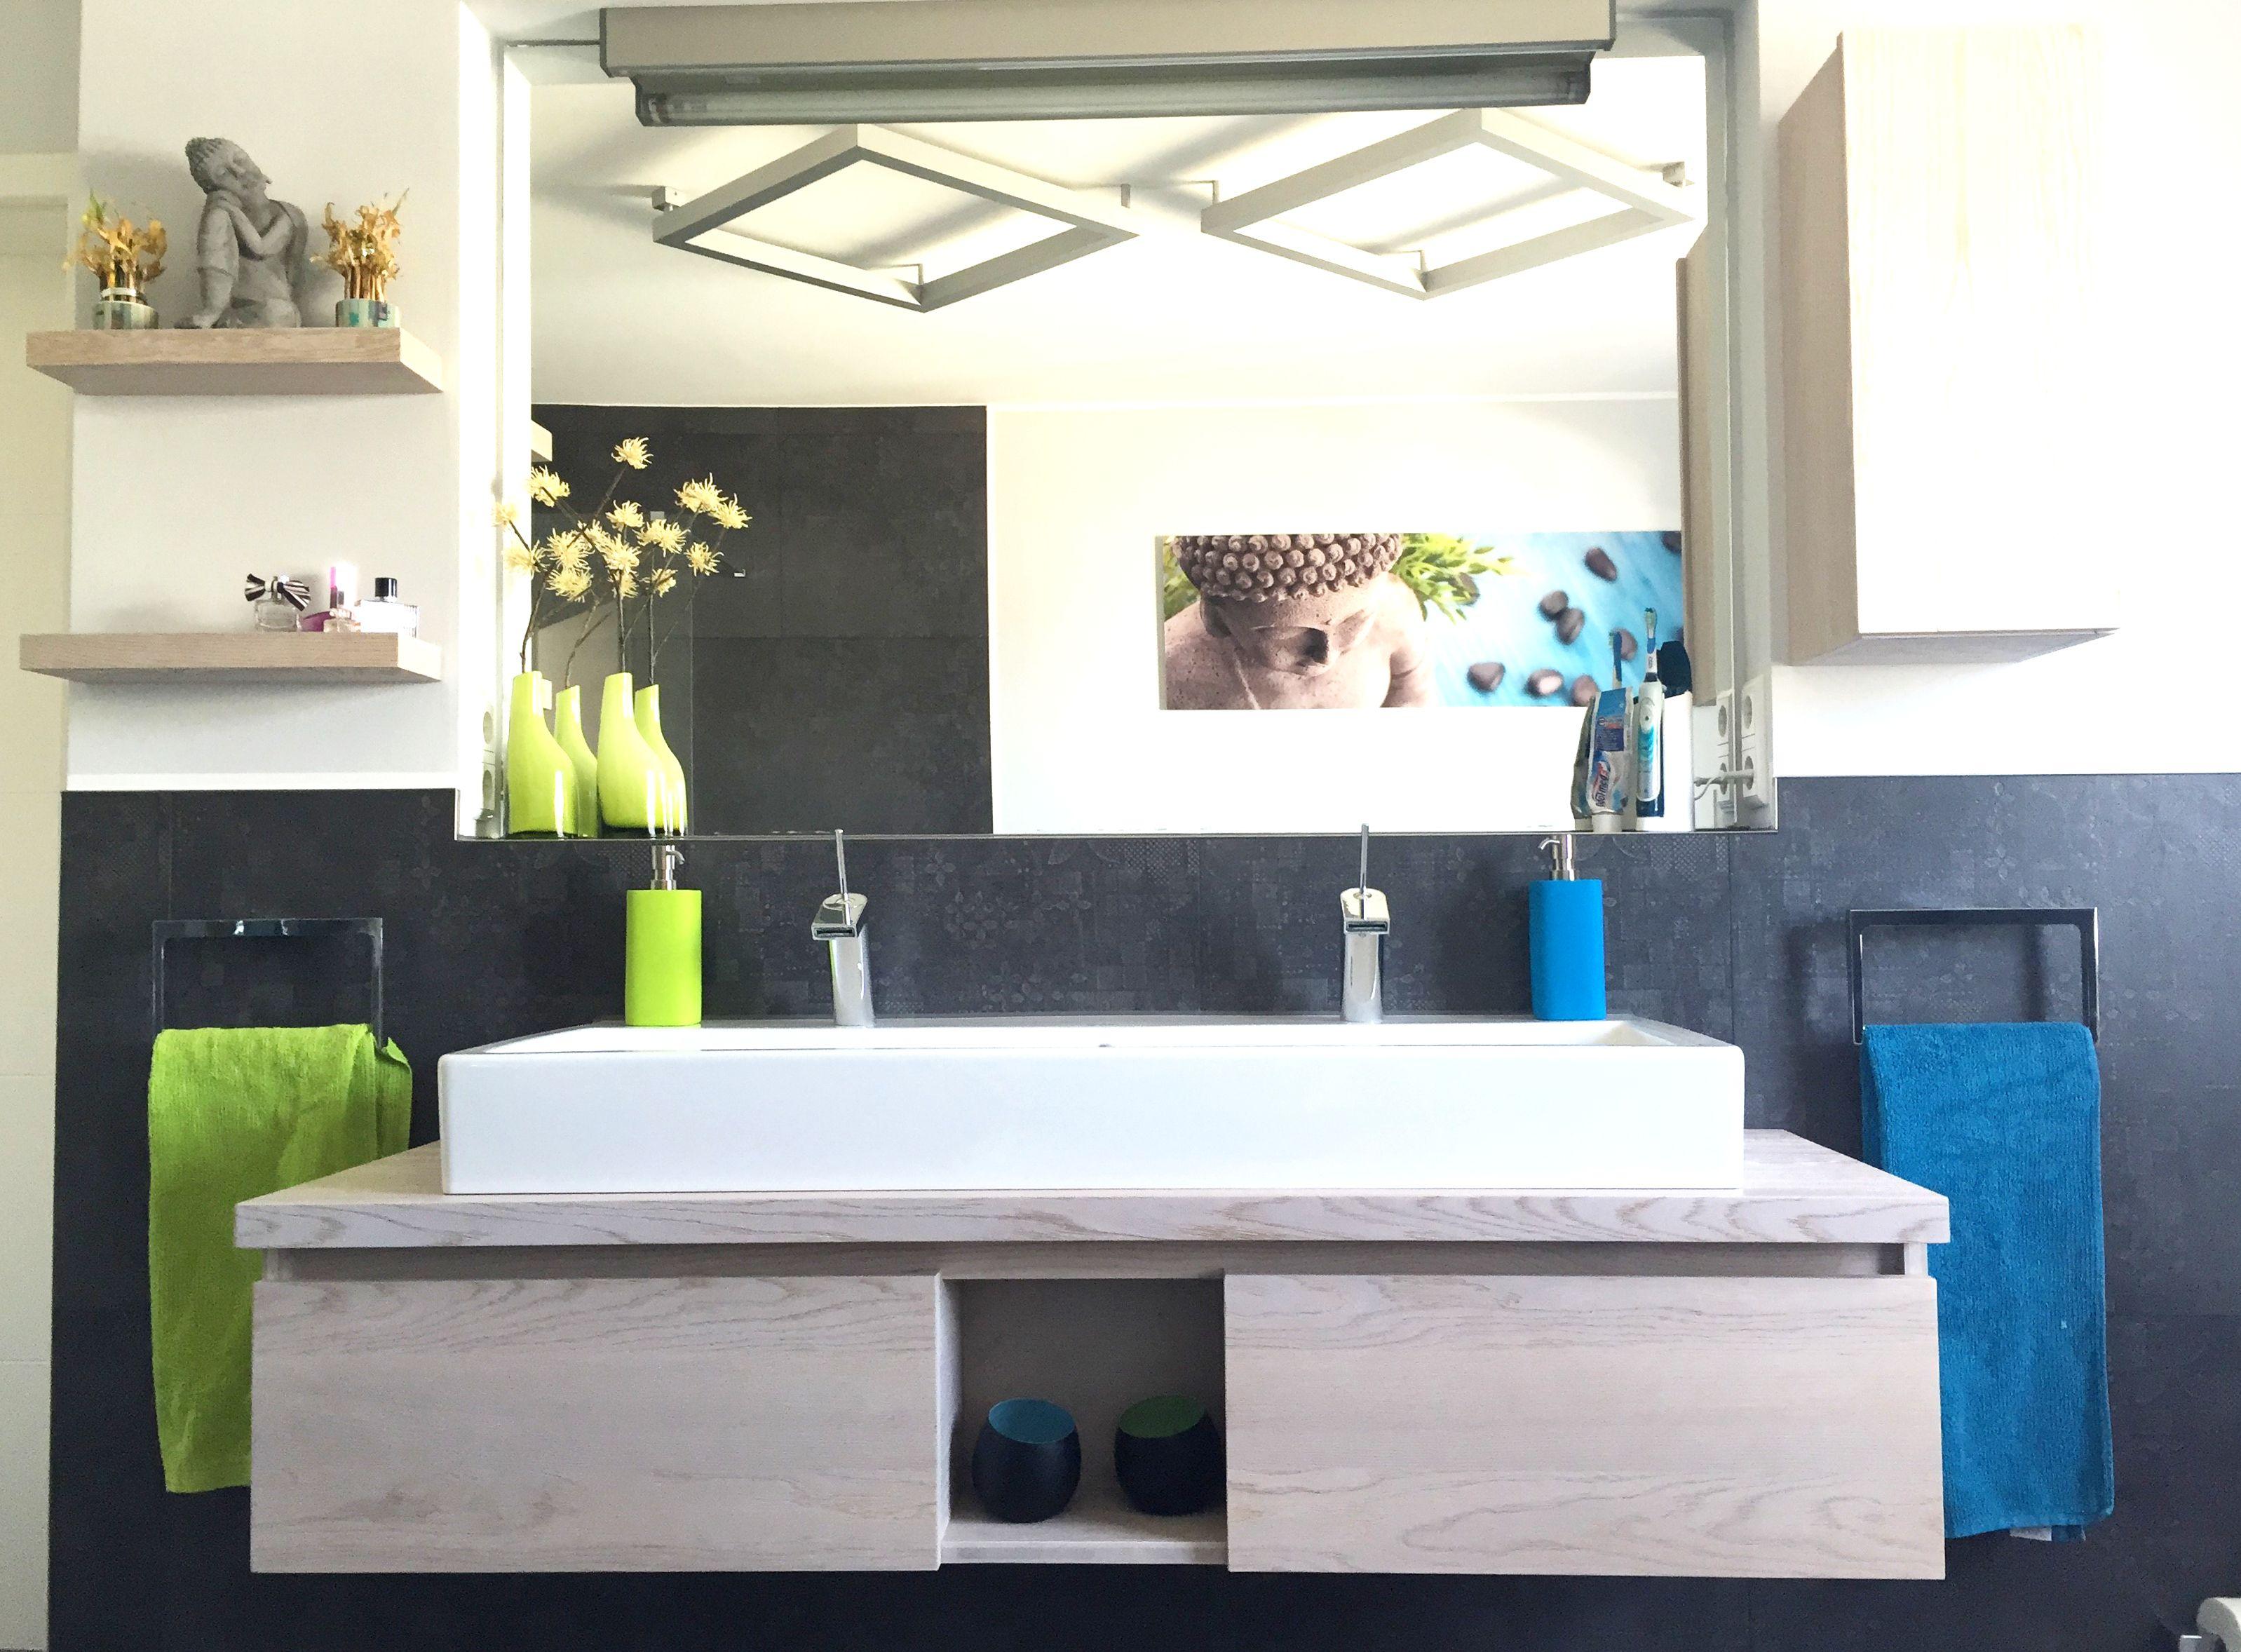 waschtisch in holz badumbau badezimmer sch n gestalten waschbecken einrichtung m bel. Black Bedroom Furniture Sets. Home Design Ideas